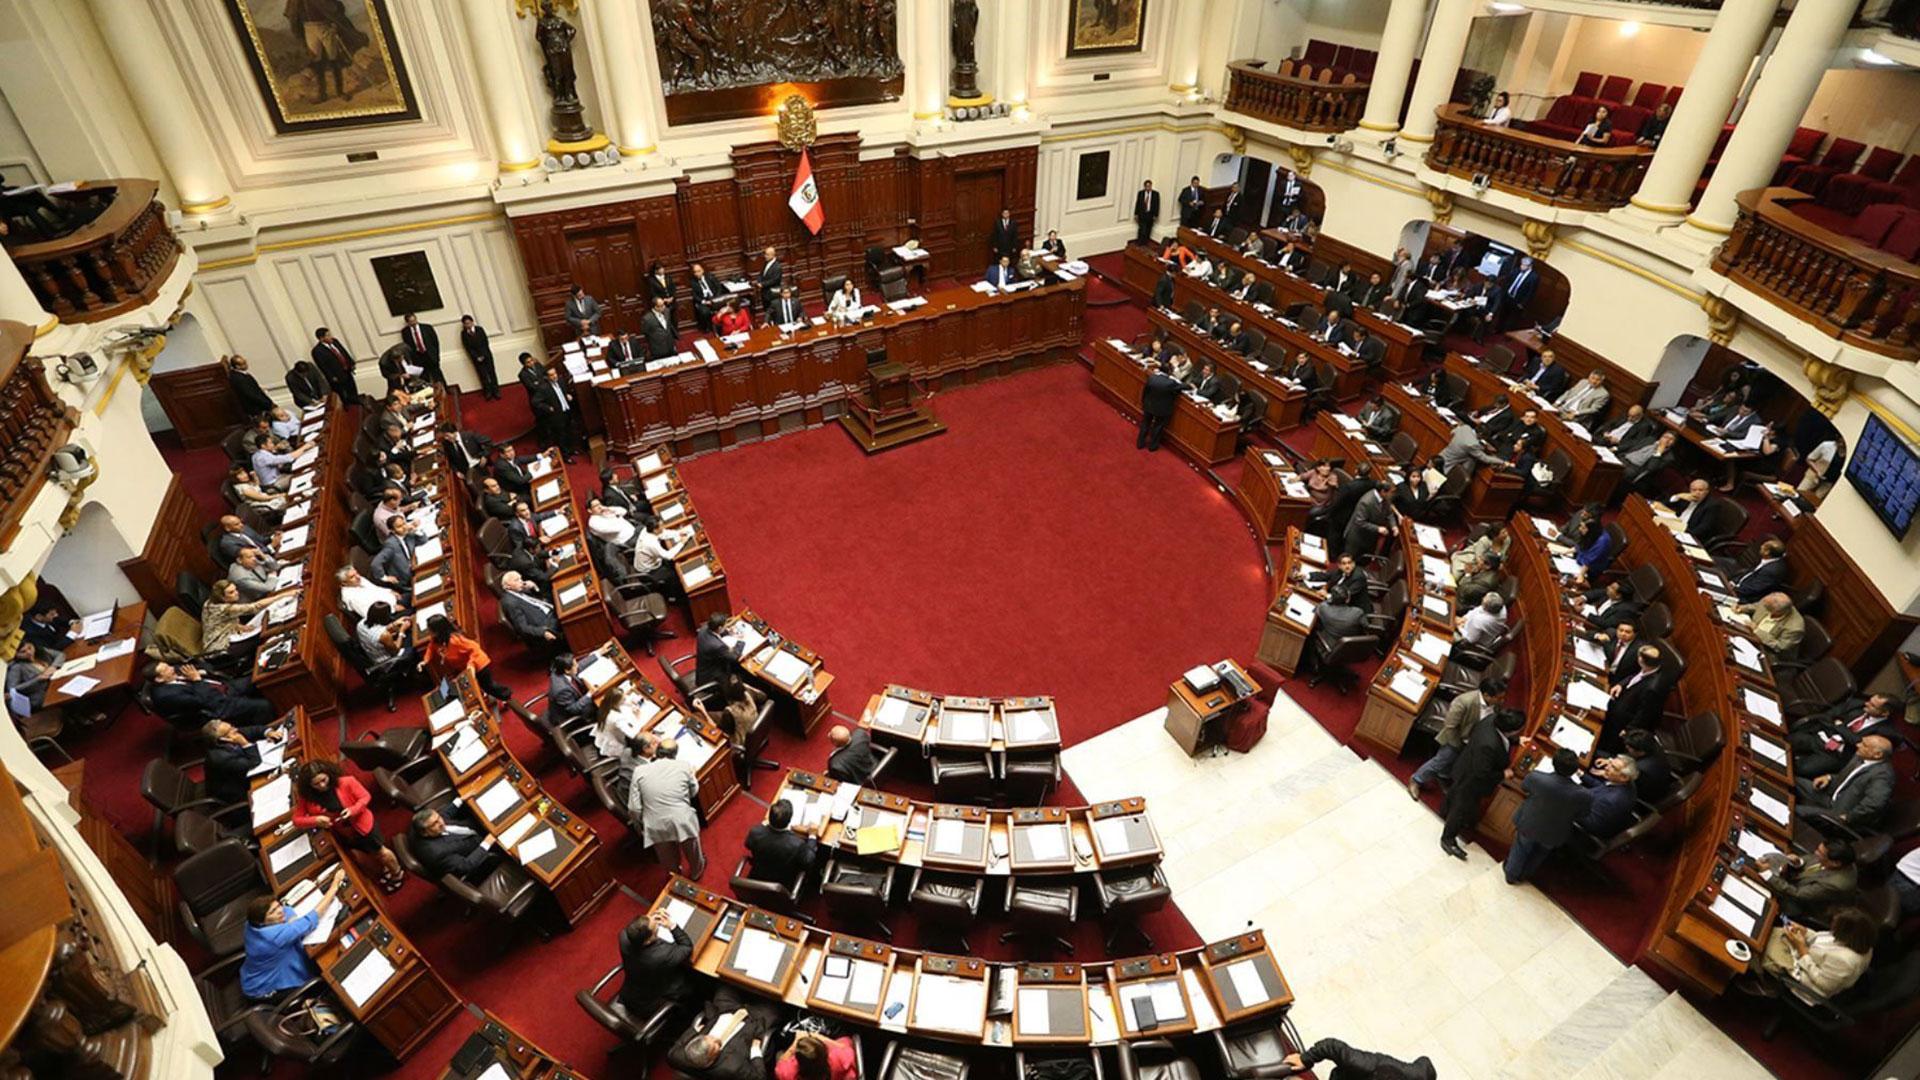 El Congreso de Perú aprobó la castración química para violadores en la primera ronda de votación